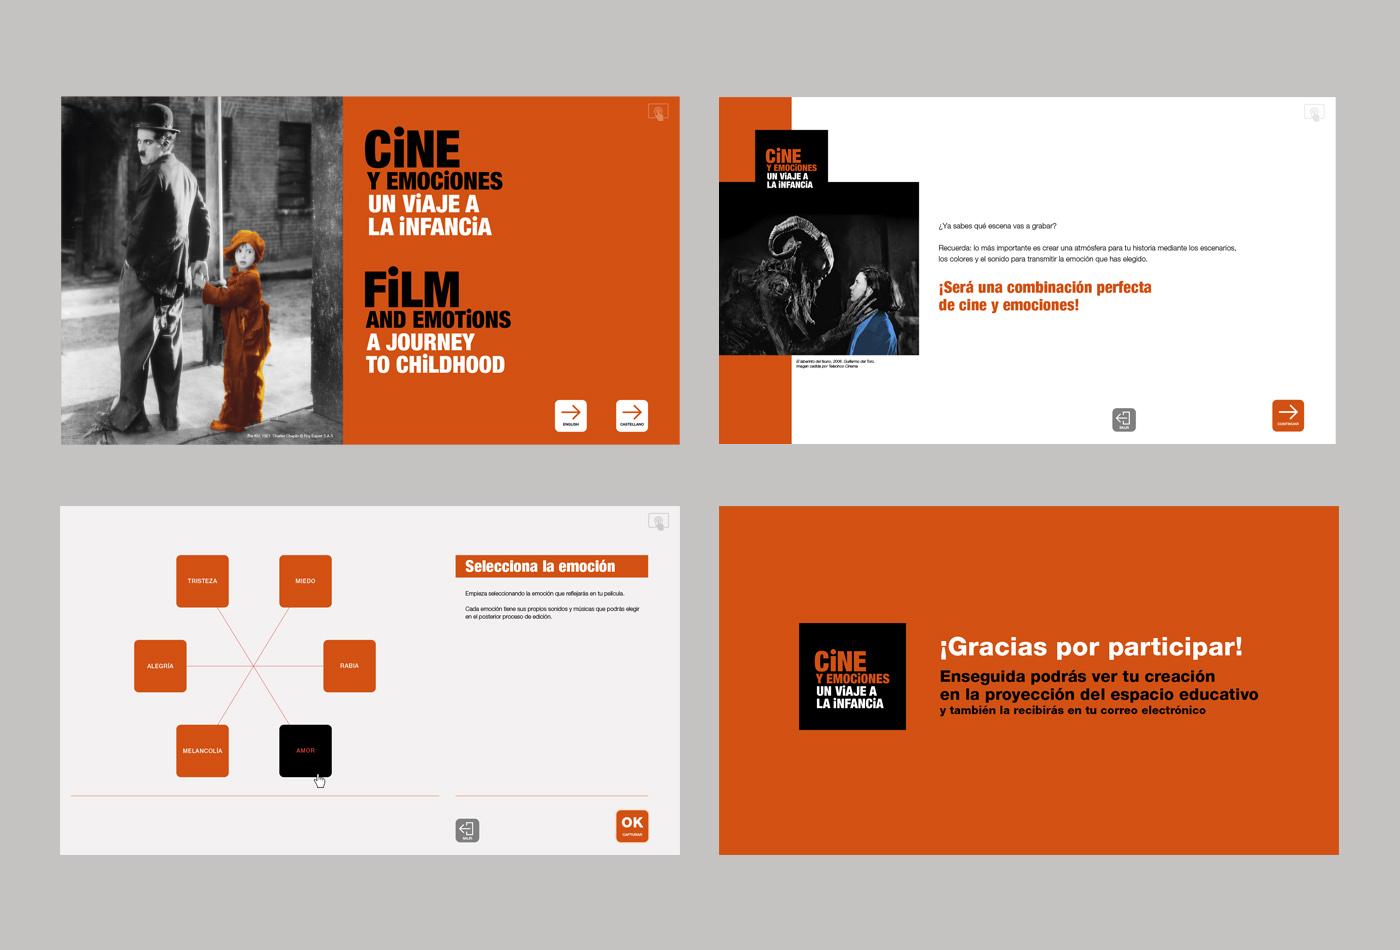 caixaforum-zaragoza-cinema-interactiu-diseno